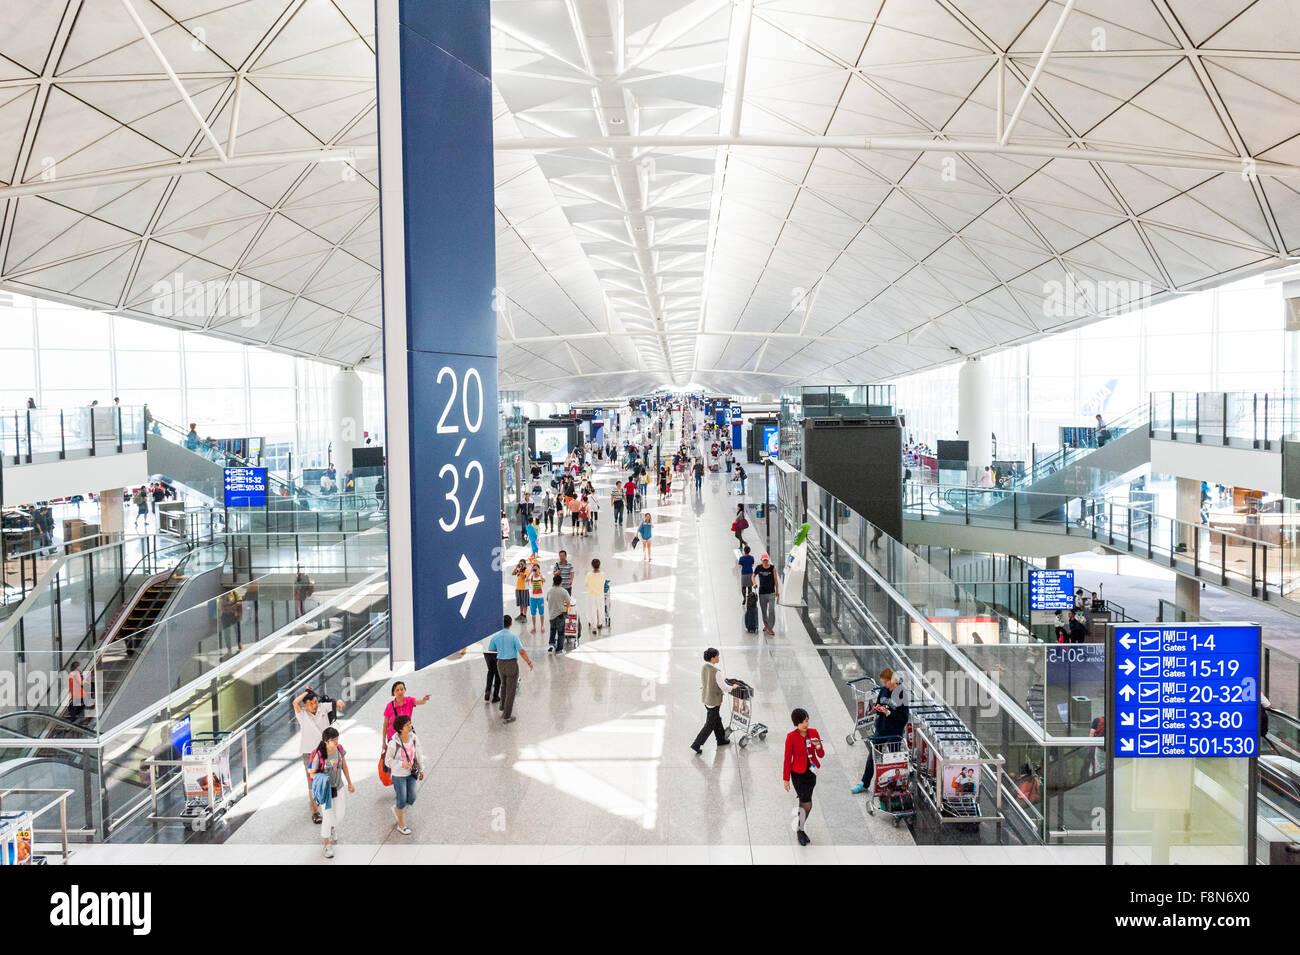 Hong Kong Chek Lap Kok International Airport, Hong Kong, China. Stock Photo